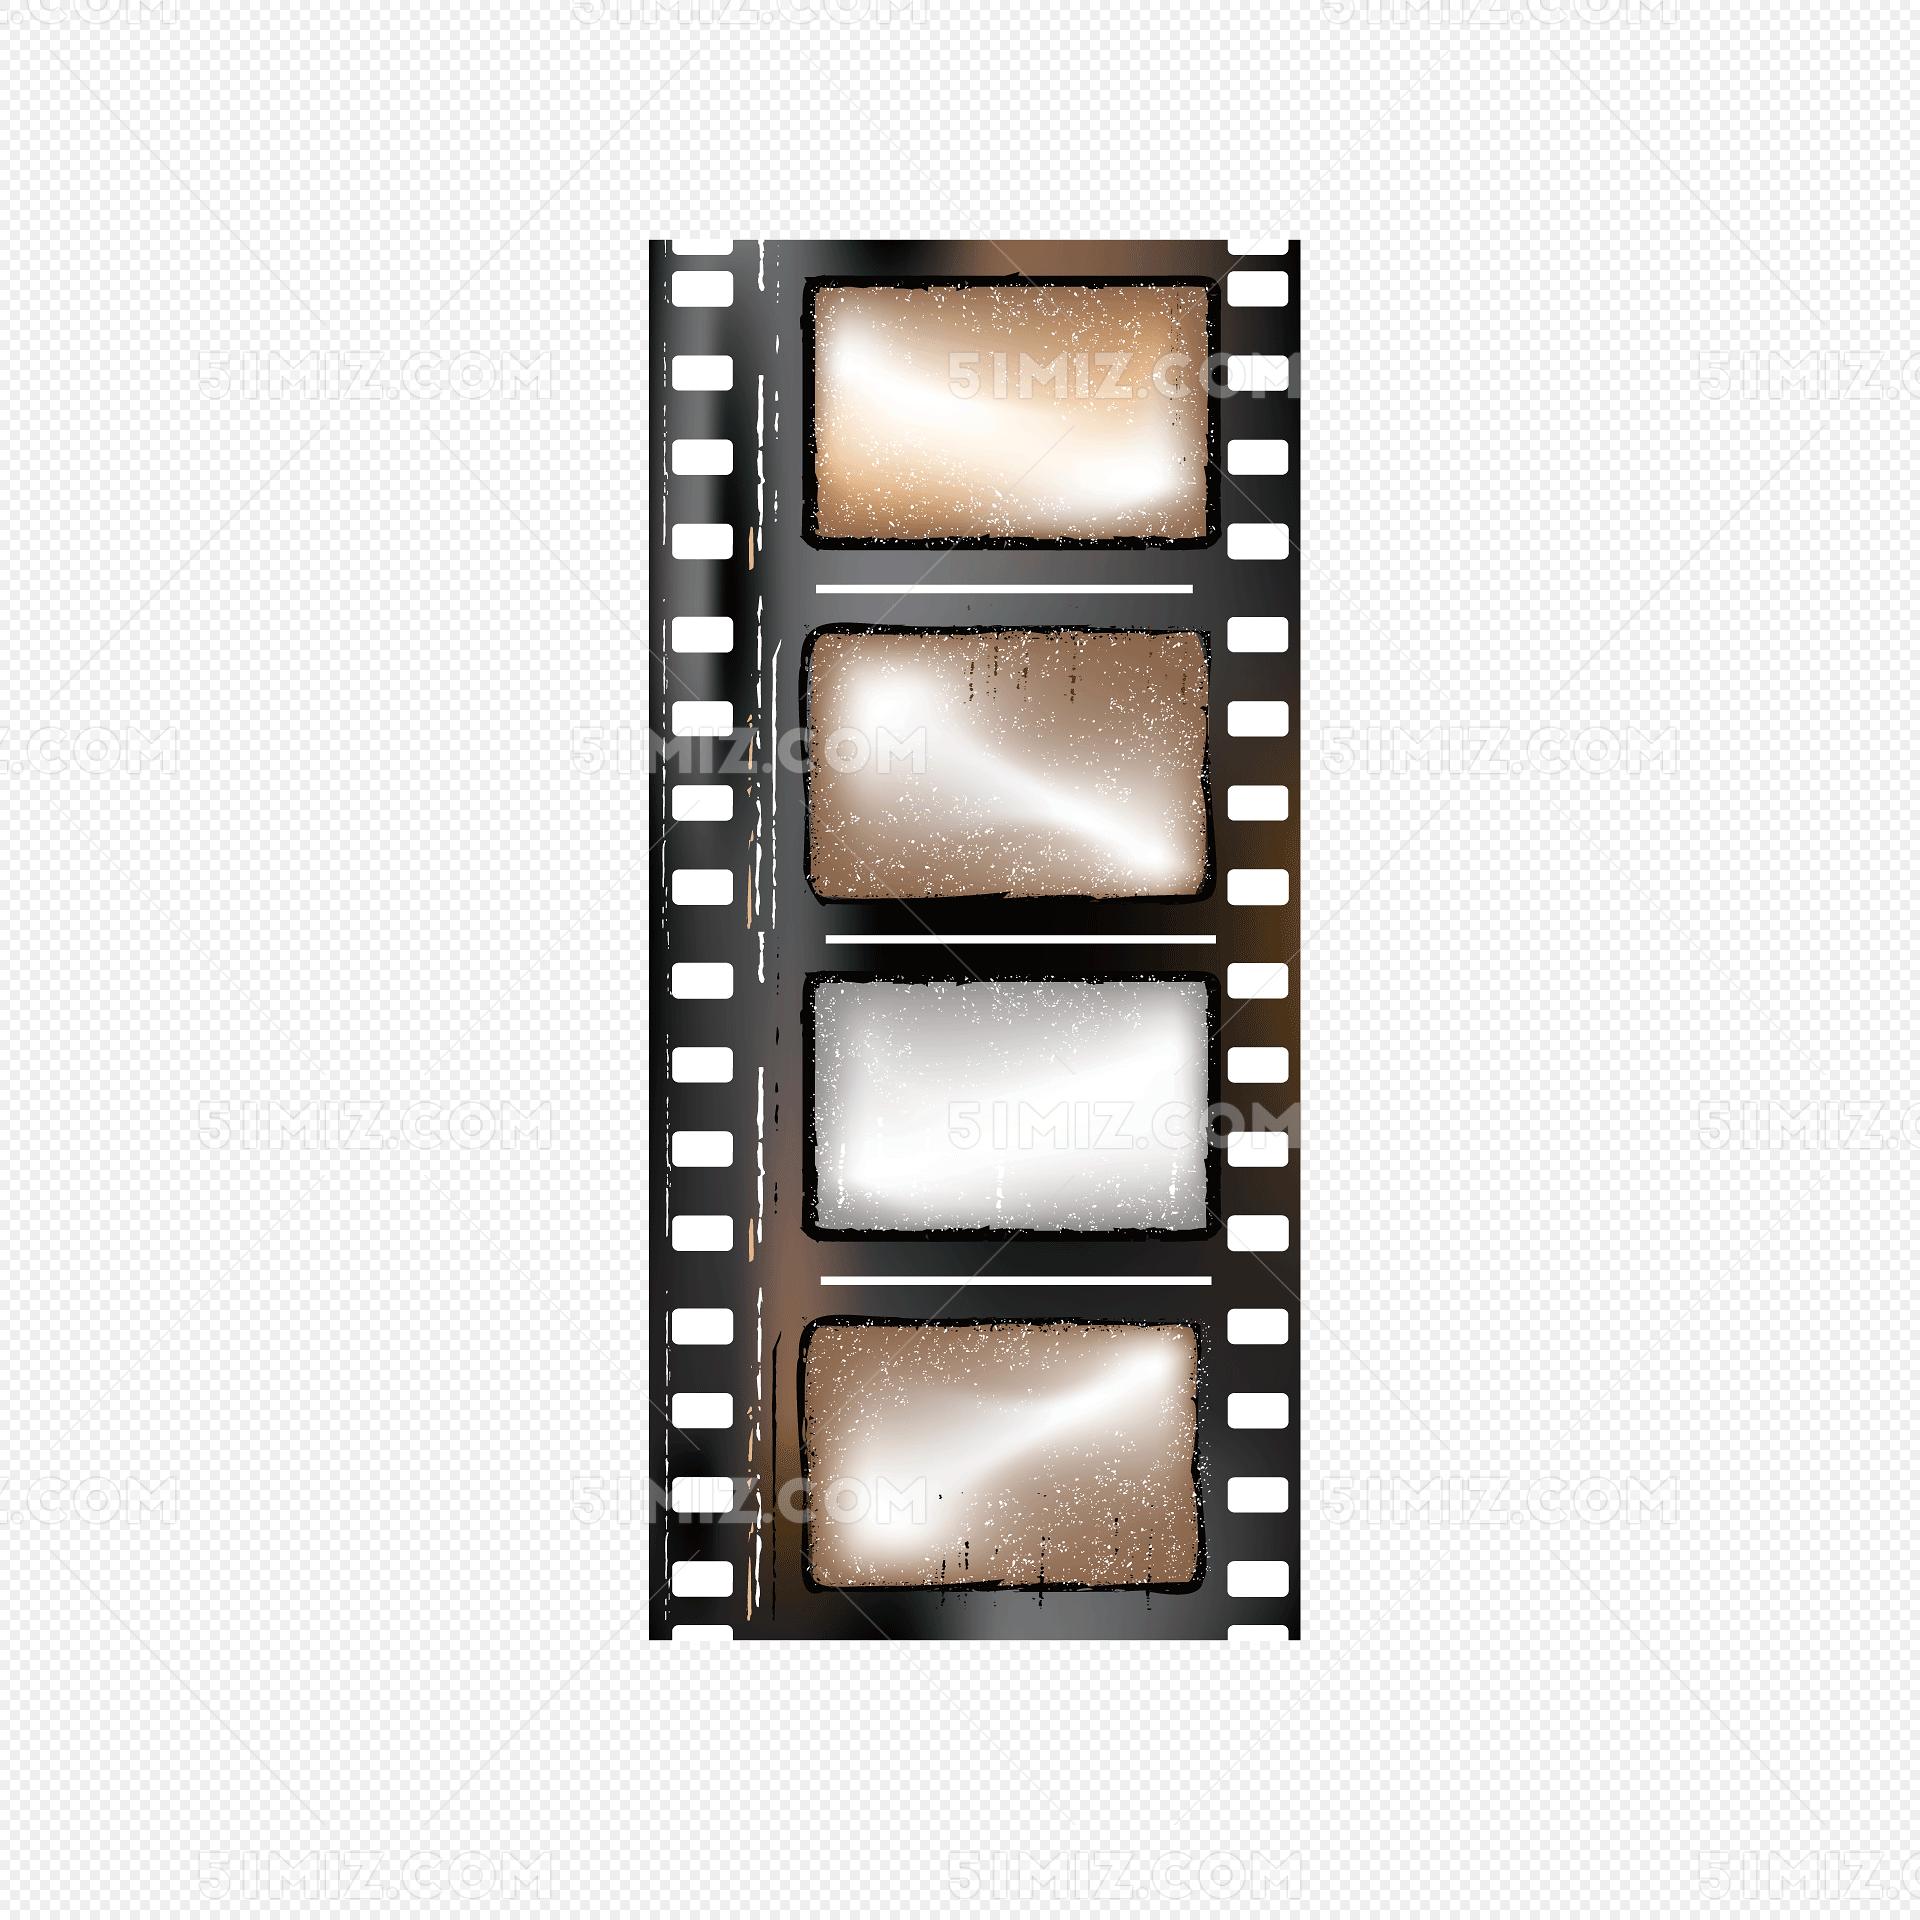 矢量棕色老胶片电影交卷边框